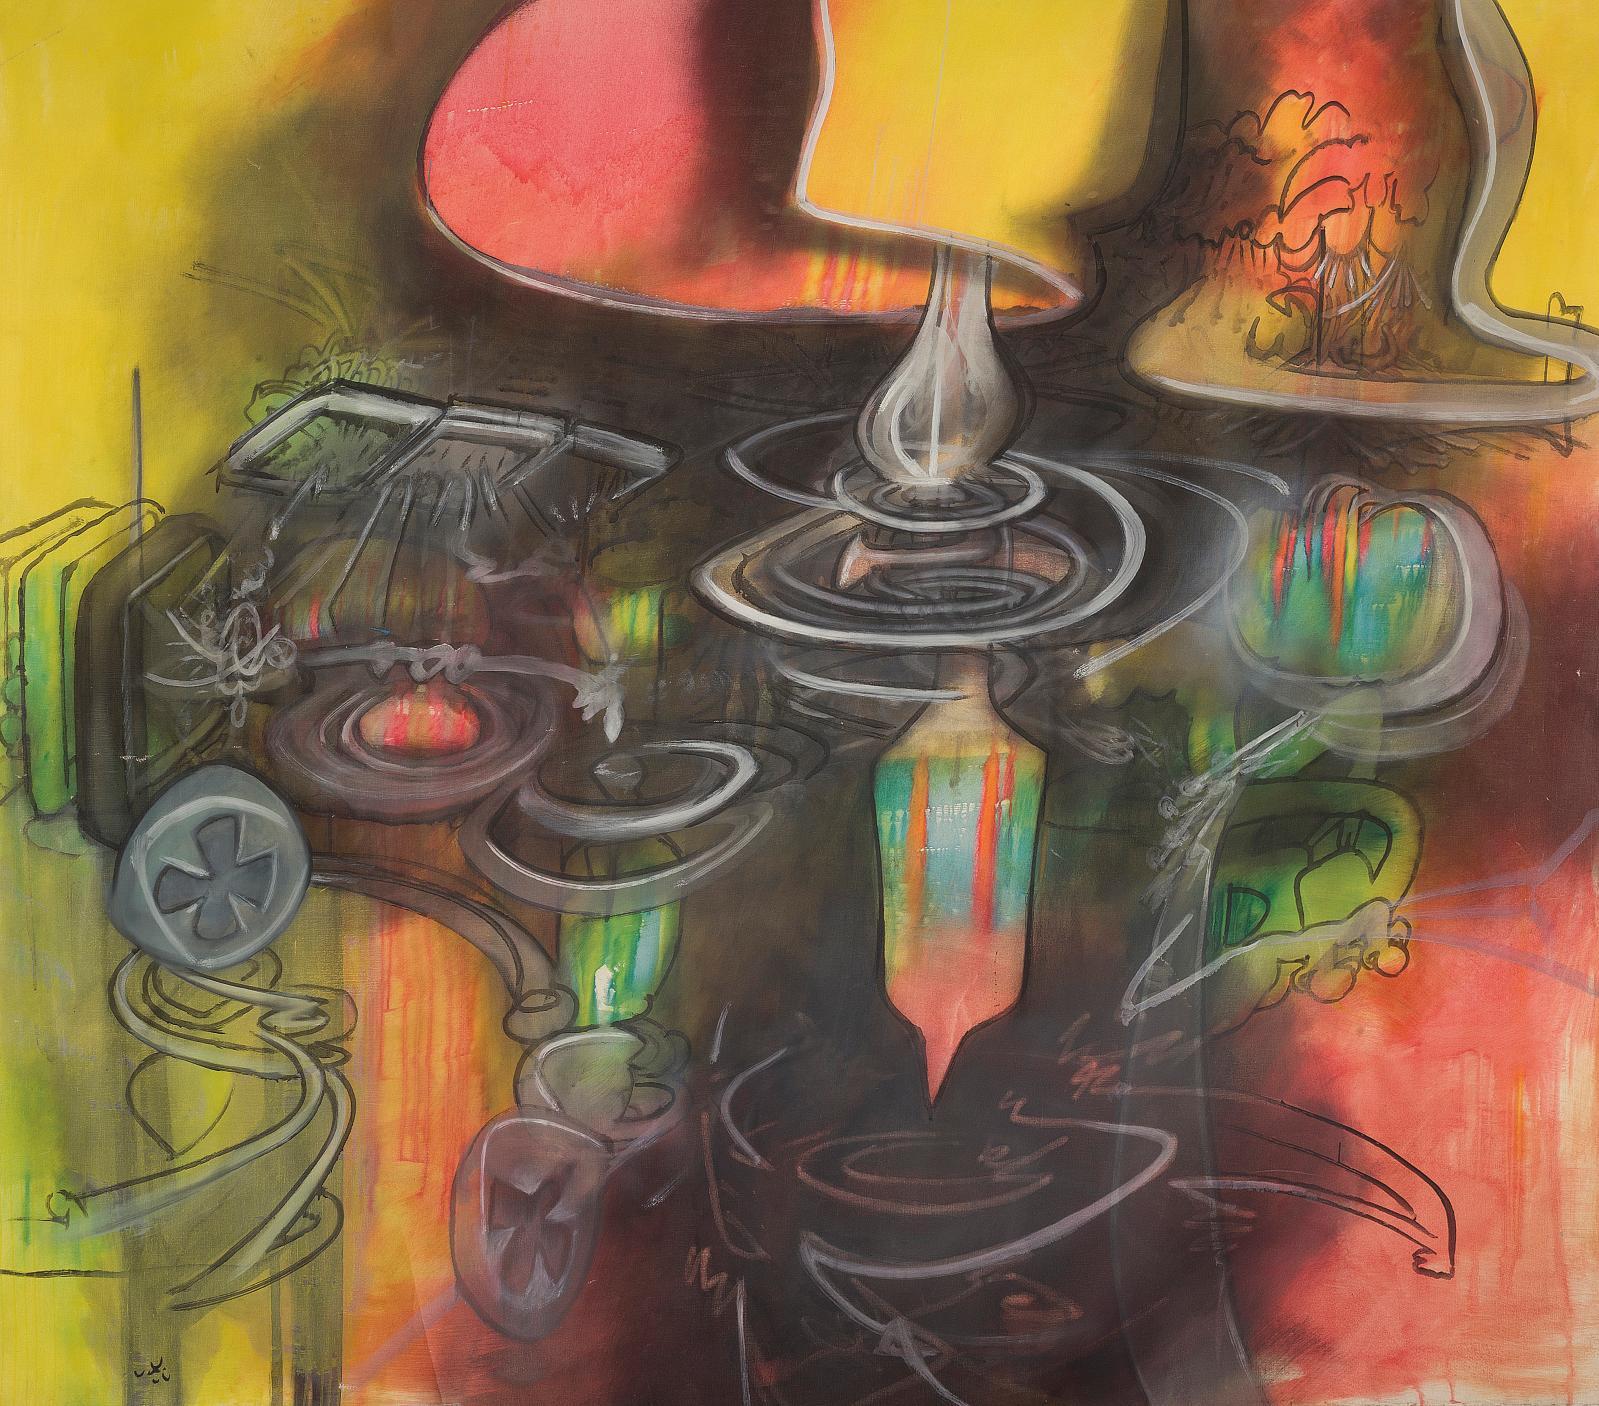 Roberto Matta (1911-2002), Infraréalisme, huile sur toile, 200x243cm, (détail). Estimation: 60000/80000€